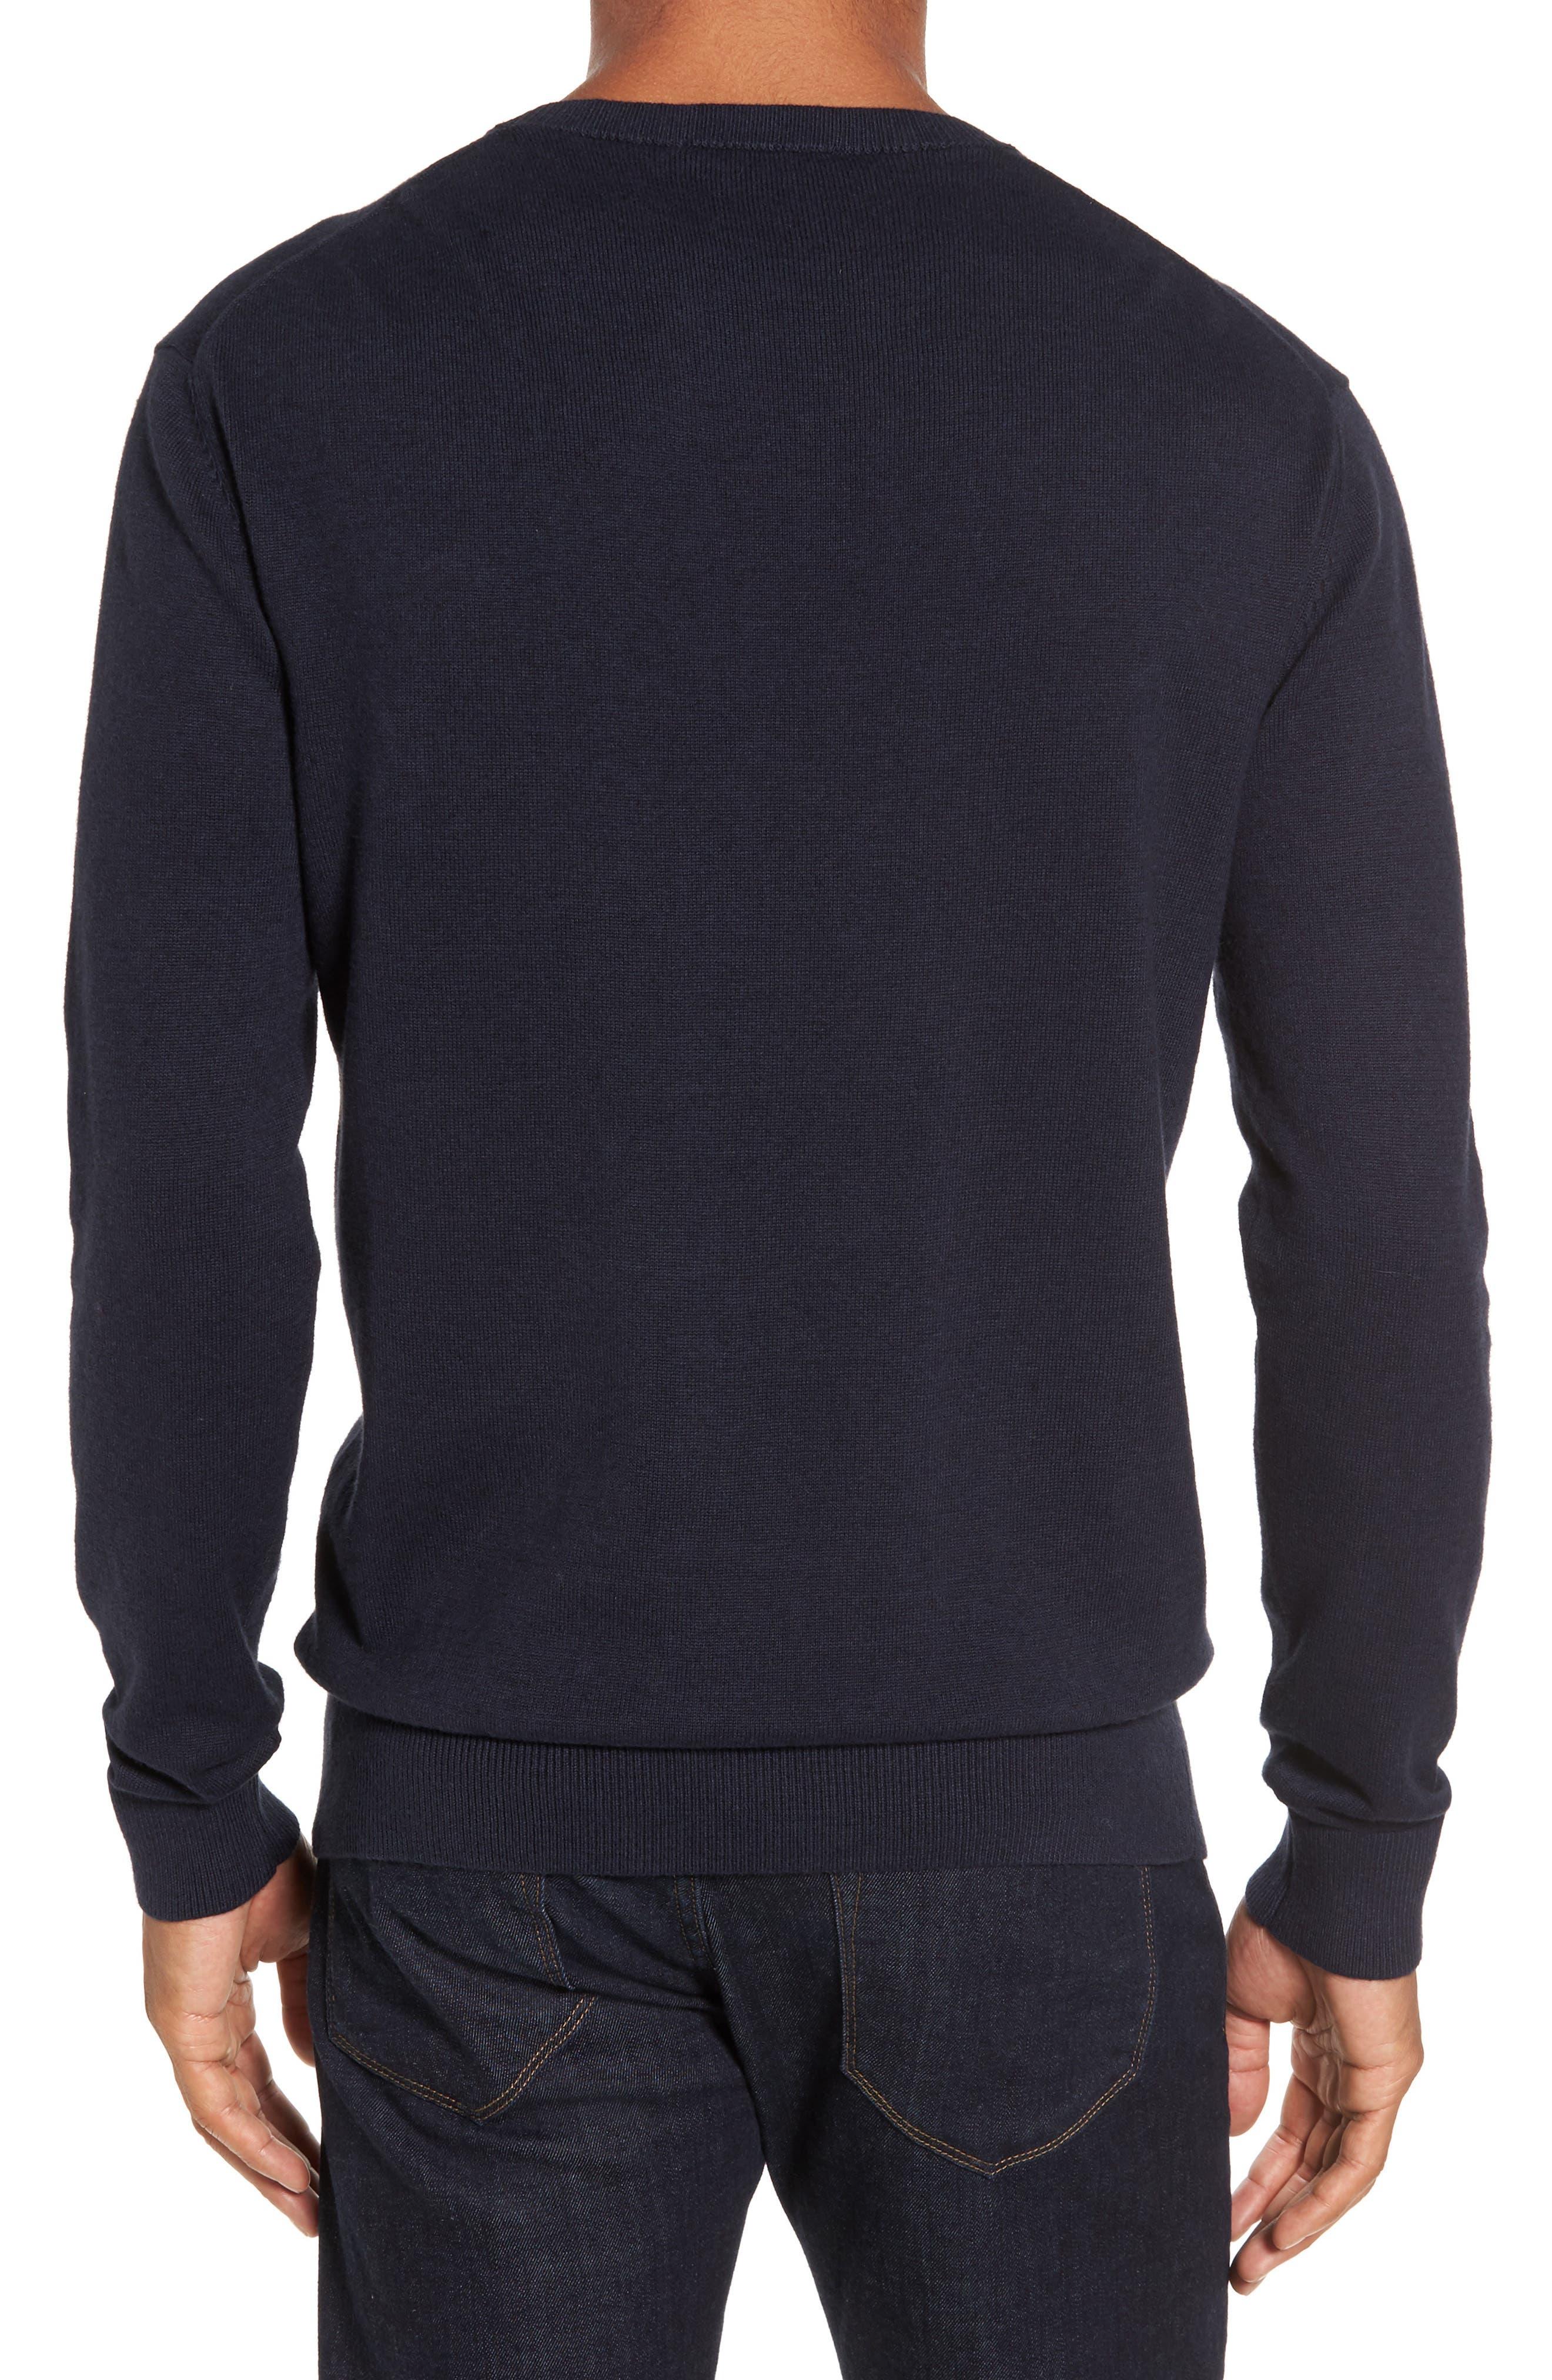 Portrait Crewneck Sweater,                             Alternate thumbnail 2, color,                             Marine Blue